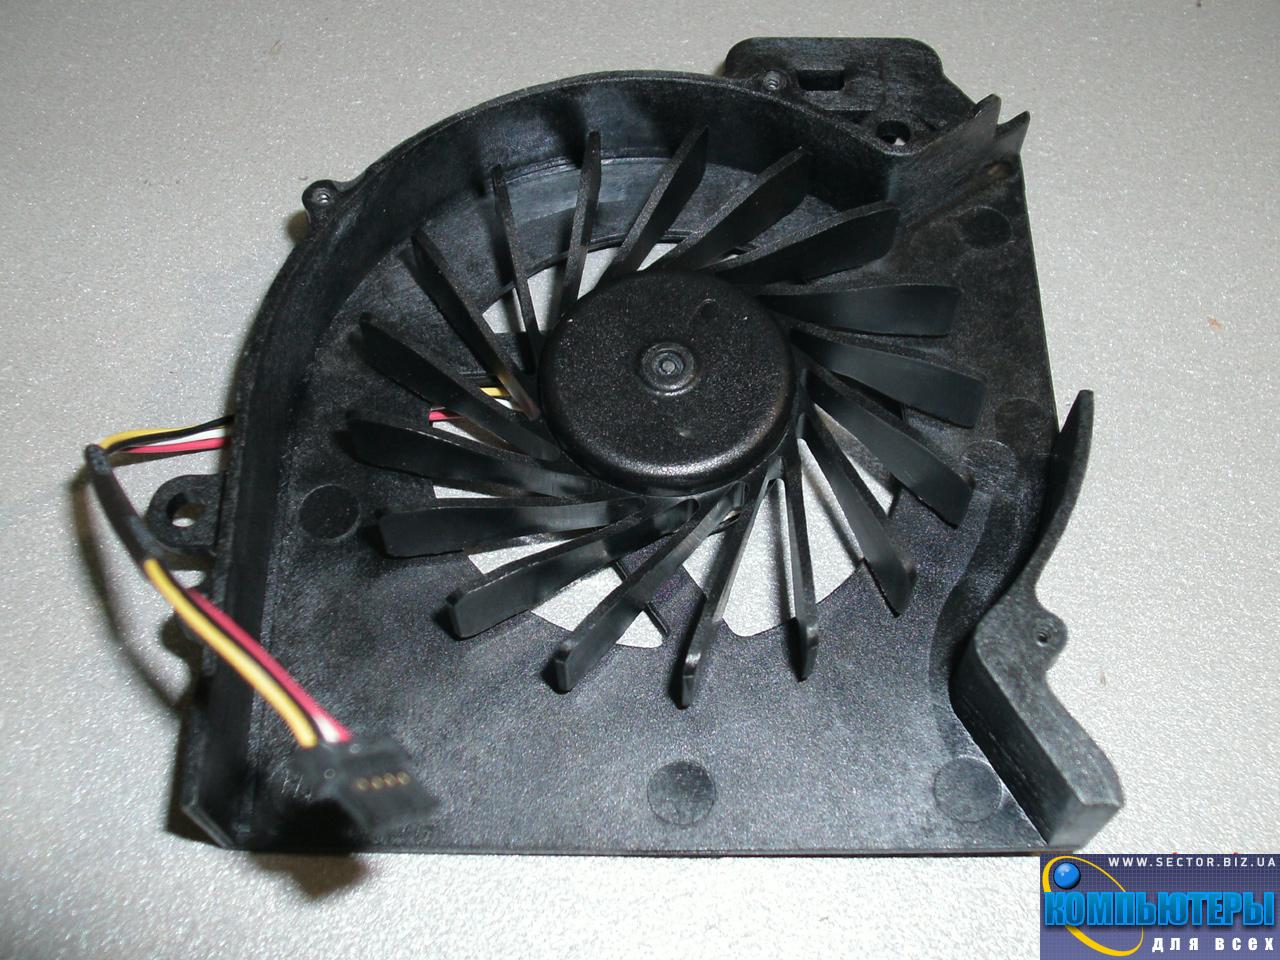 Кулер к ноутбуку HP Pavilion DV6-6200 DV6-6b00 DV6-6c00 DV7-6000 ProBook 4530S p/n: AD6505HX-EEB (CASA). Фото № 1.